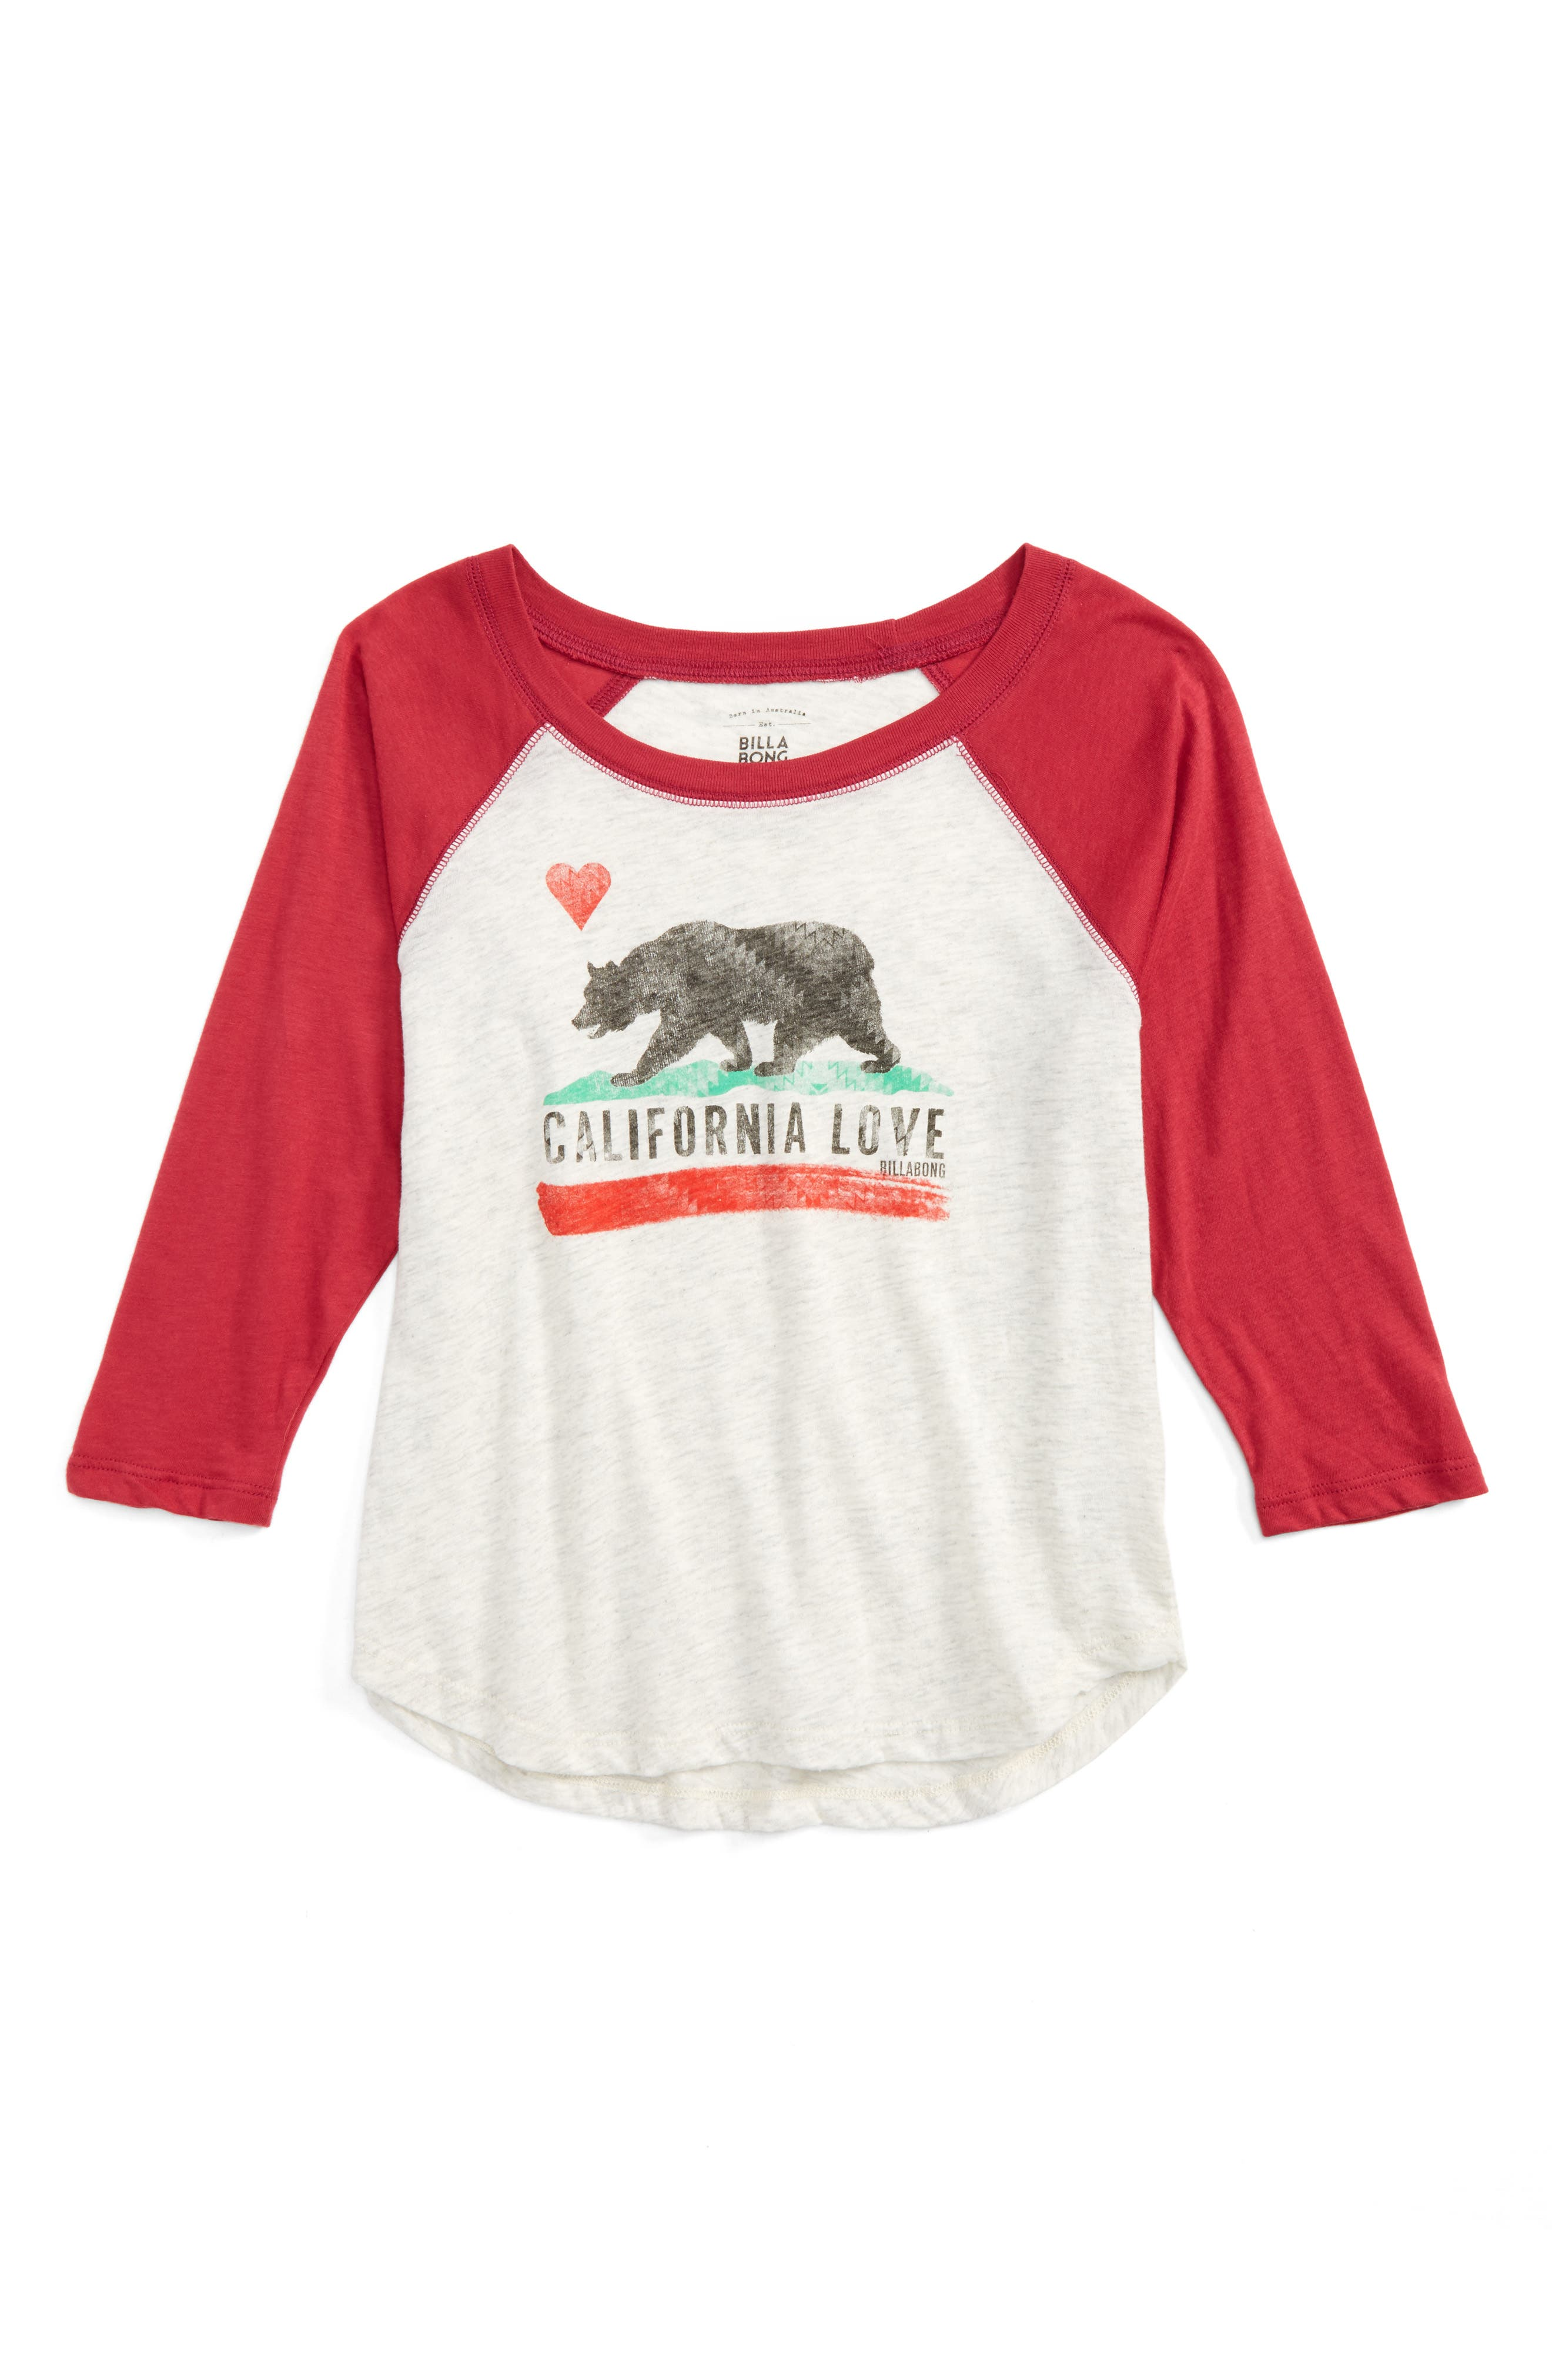 Billabong Cali Bear Original Graphic Tee (Little Girls & Big Girls)